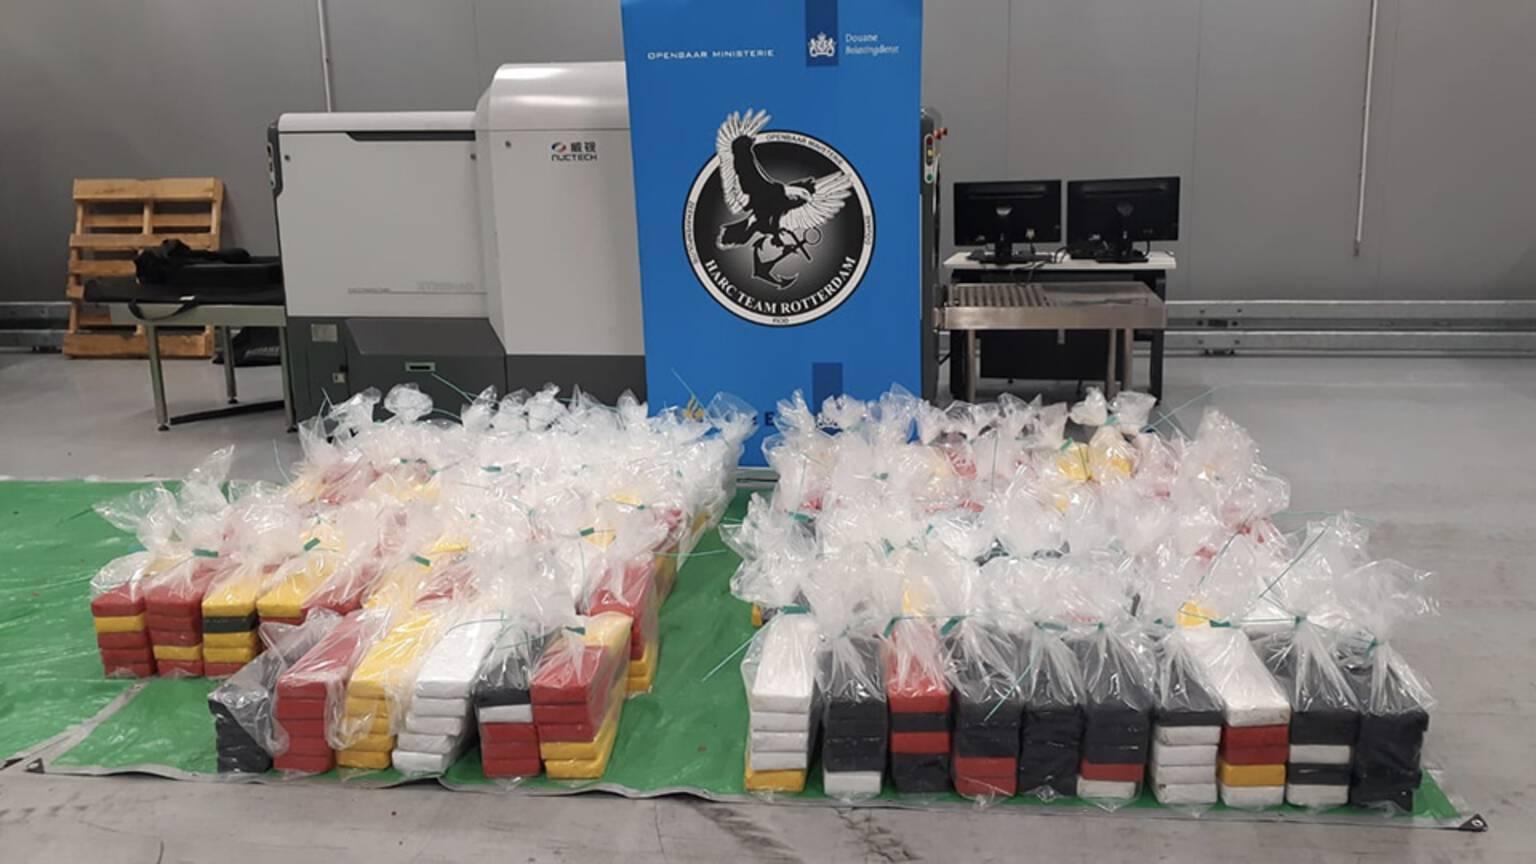 Eerder onderschepte de douane 1064 kilo cocaïne (Foto Douane)